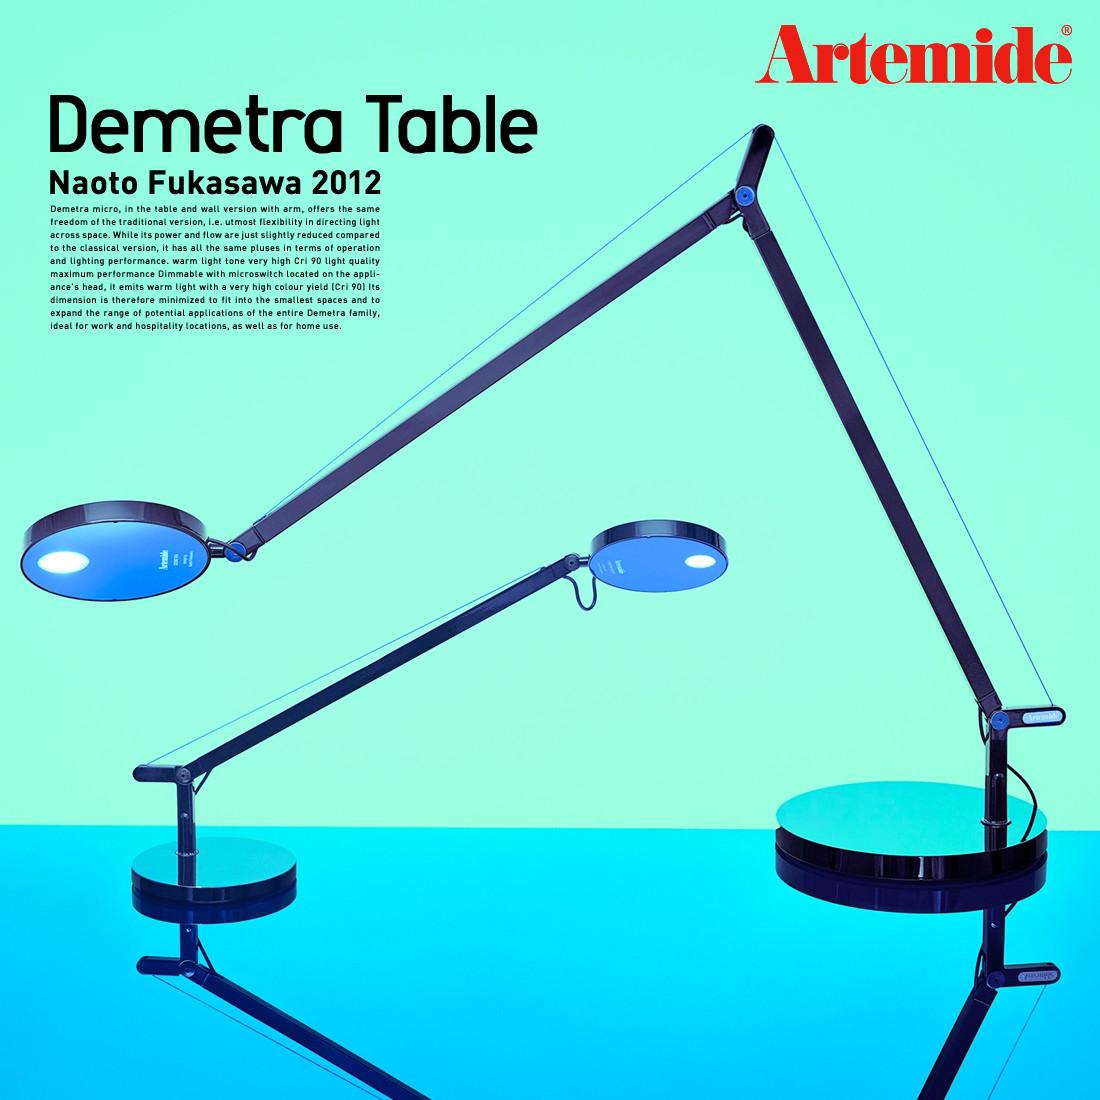 【Artemide アルテミデ】Demetra Table デメトラ テーブルランプ ライト 照明 スチール アルミ リビング キッチン ダイニング スタンドライト 卓上